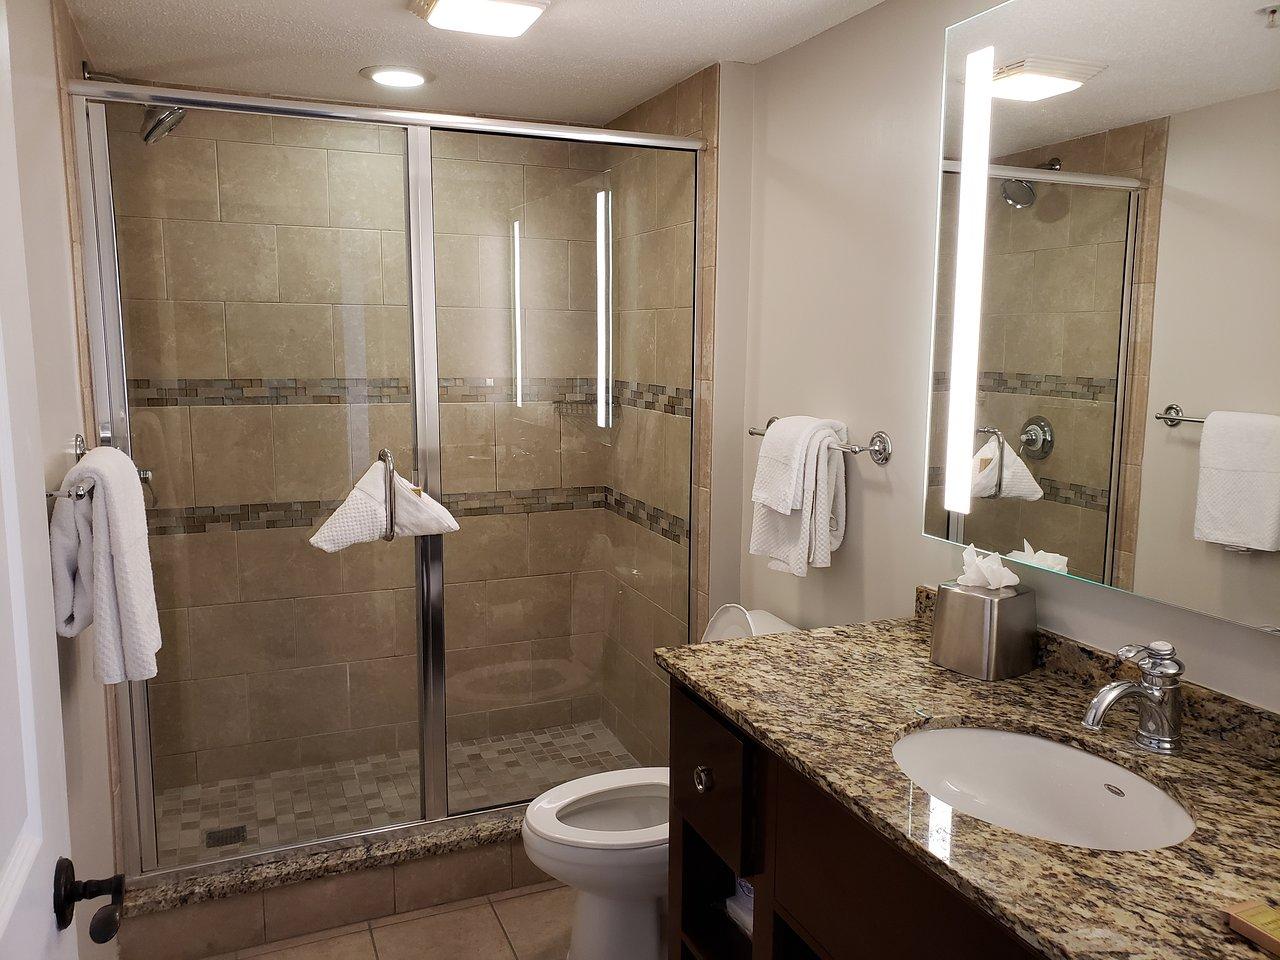 Anderson Ocean Club and Spa Bathroom